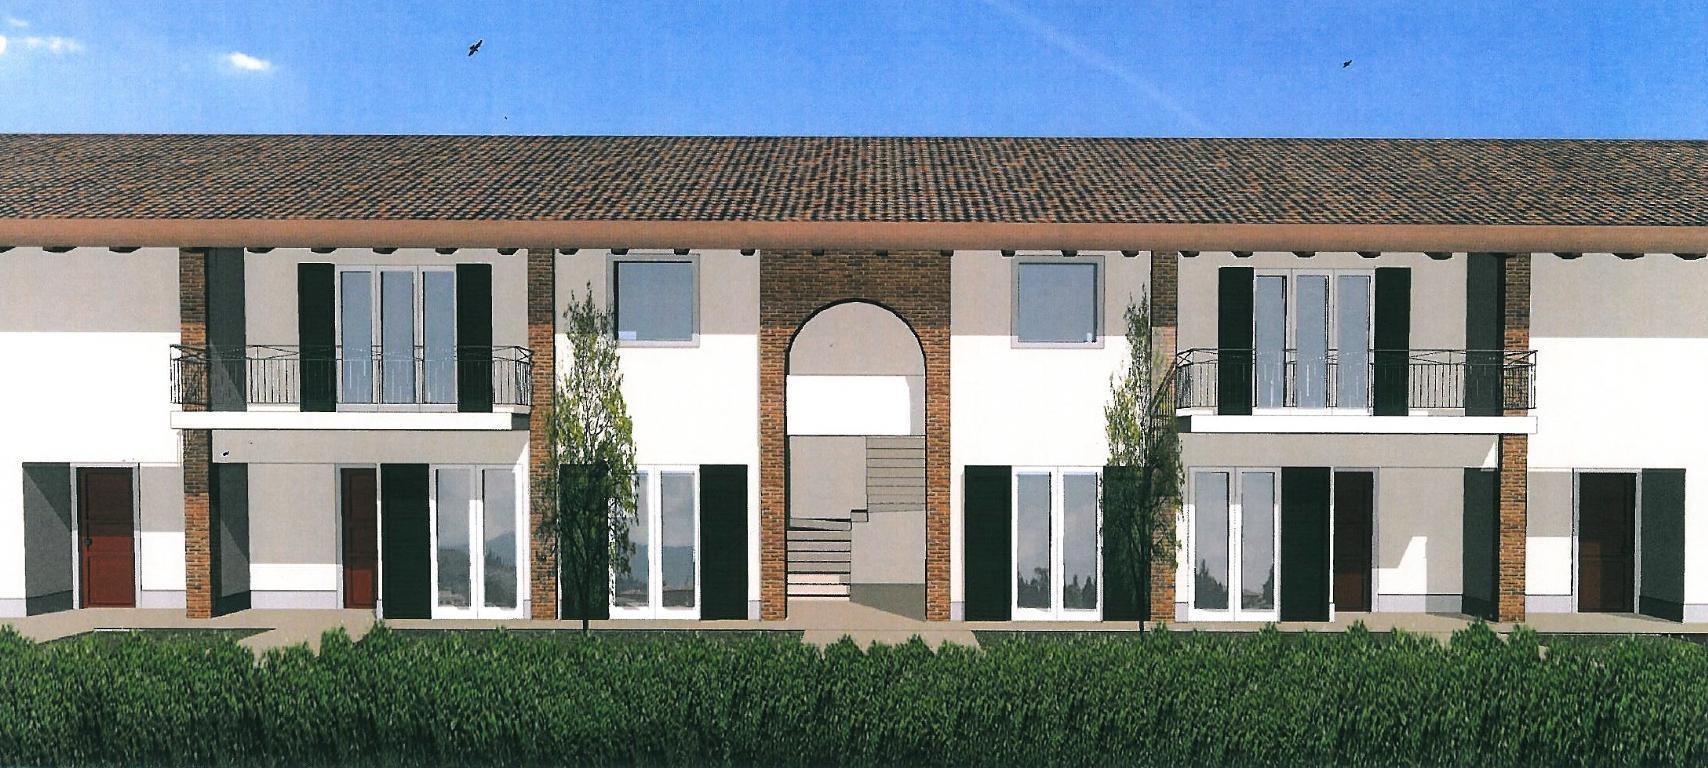 Appartamento in vendita a Casatenovo, 4 locali, prezzo € 240.000 | CambioCasa.it